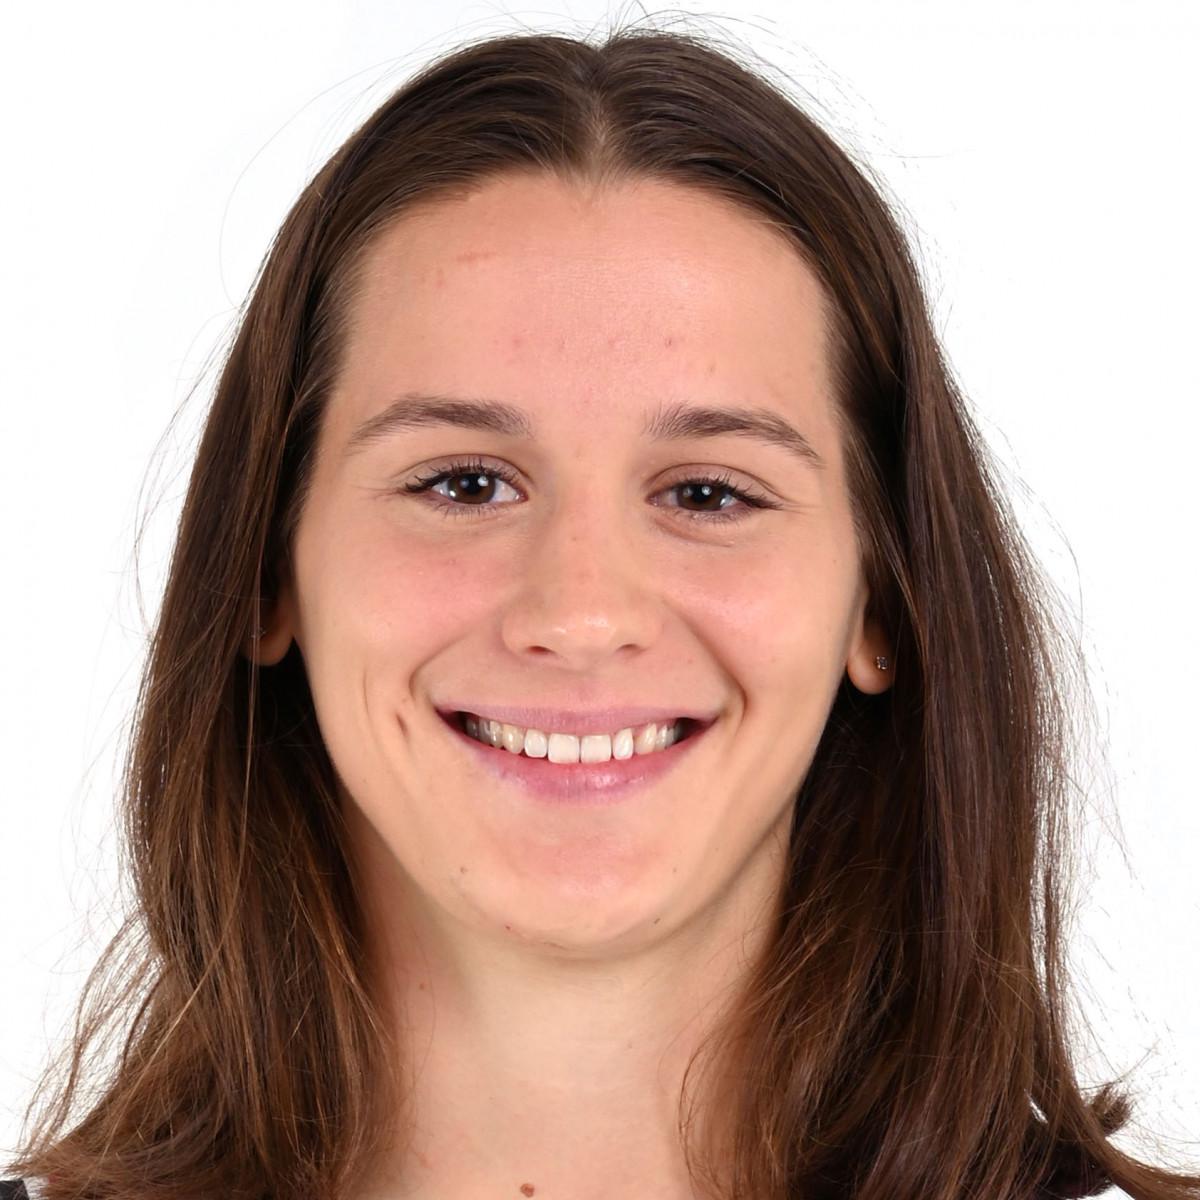 Lidija Turcinovic